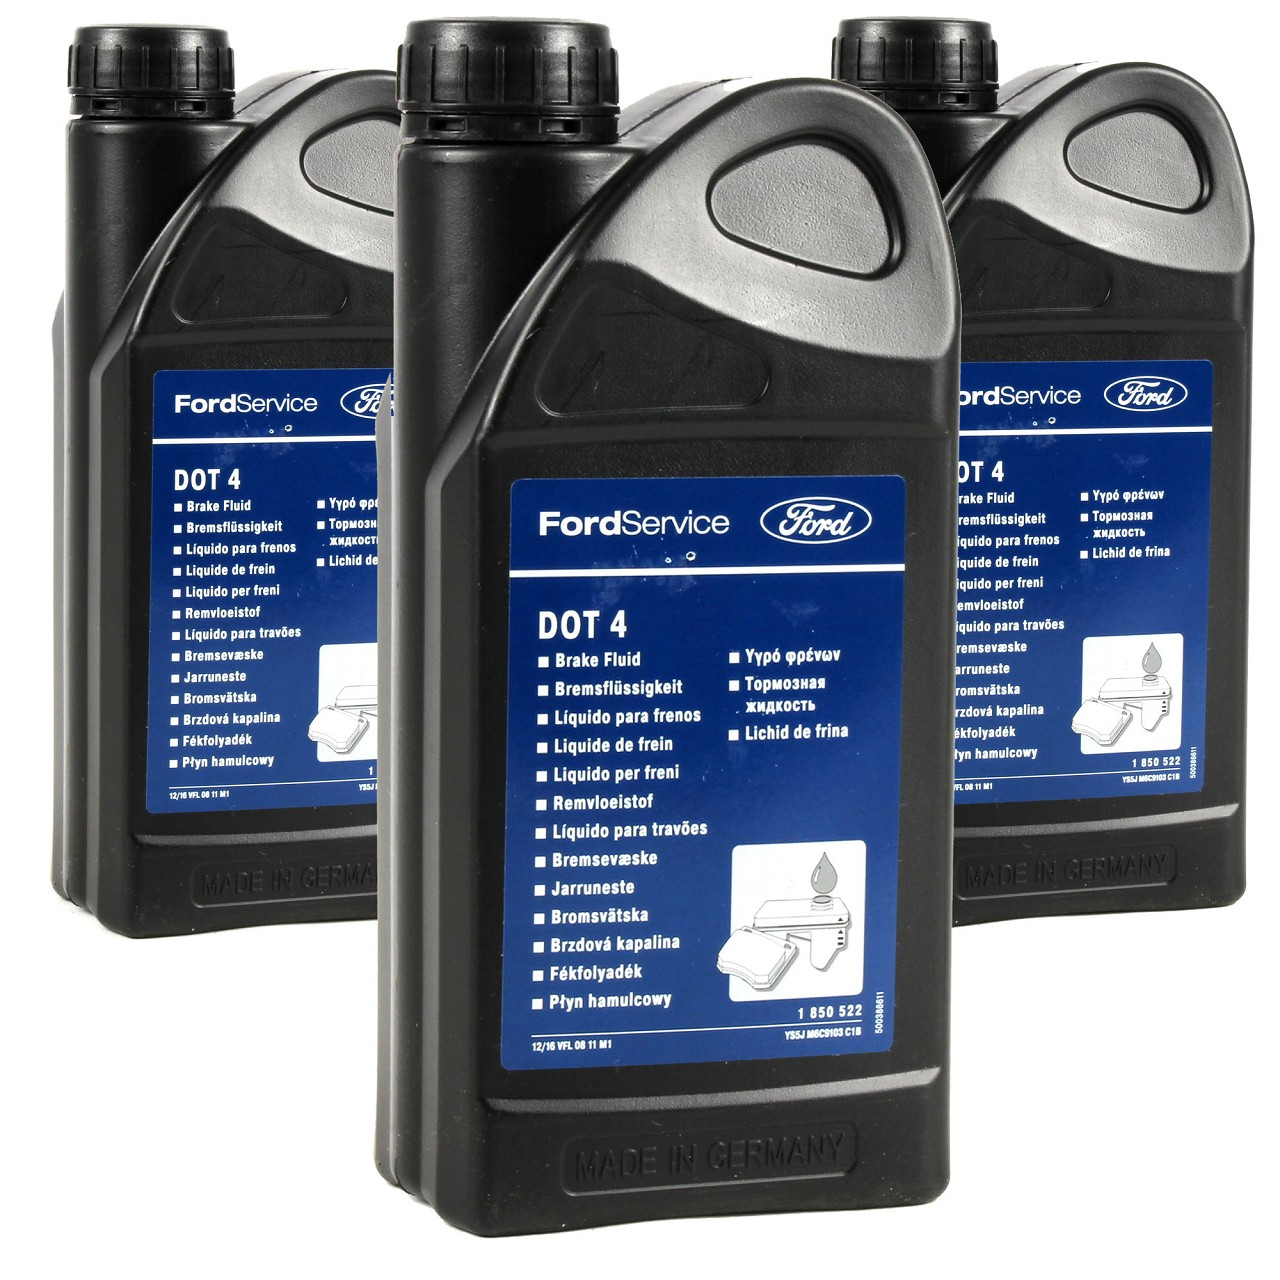 ORIGINAL Ford Bremsflüssigkeit DOT 4 3 Liter 1850522